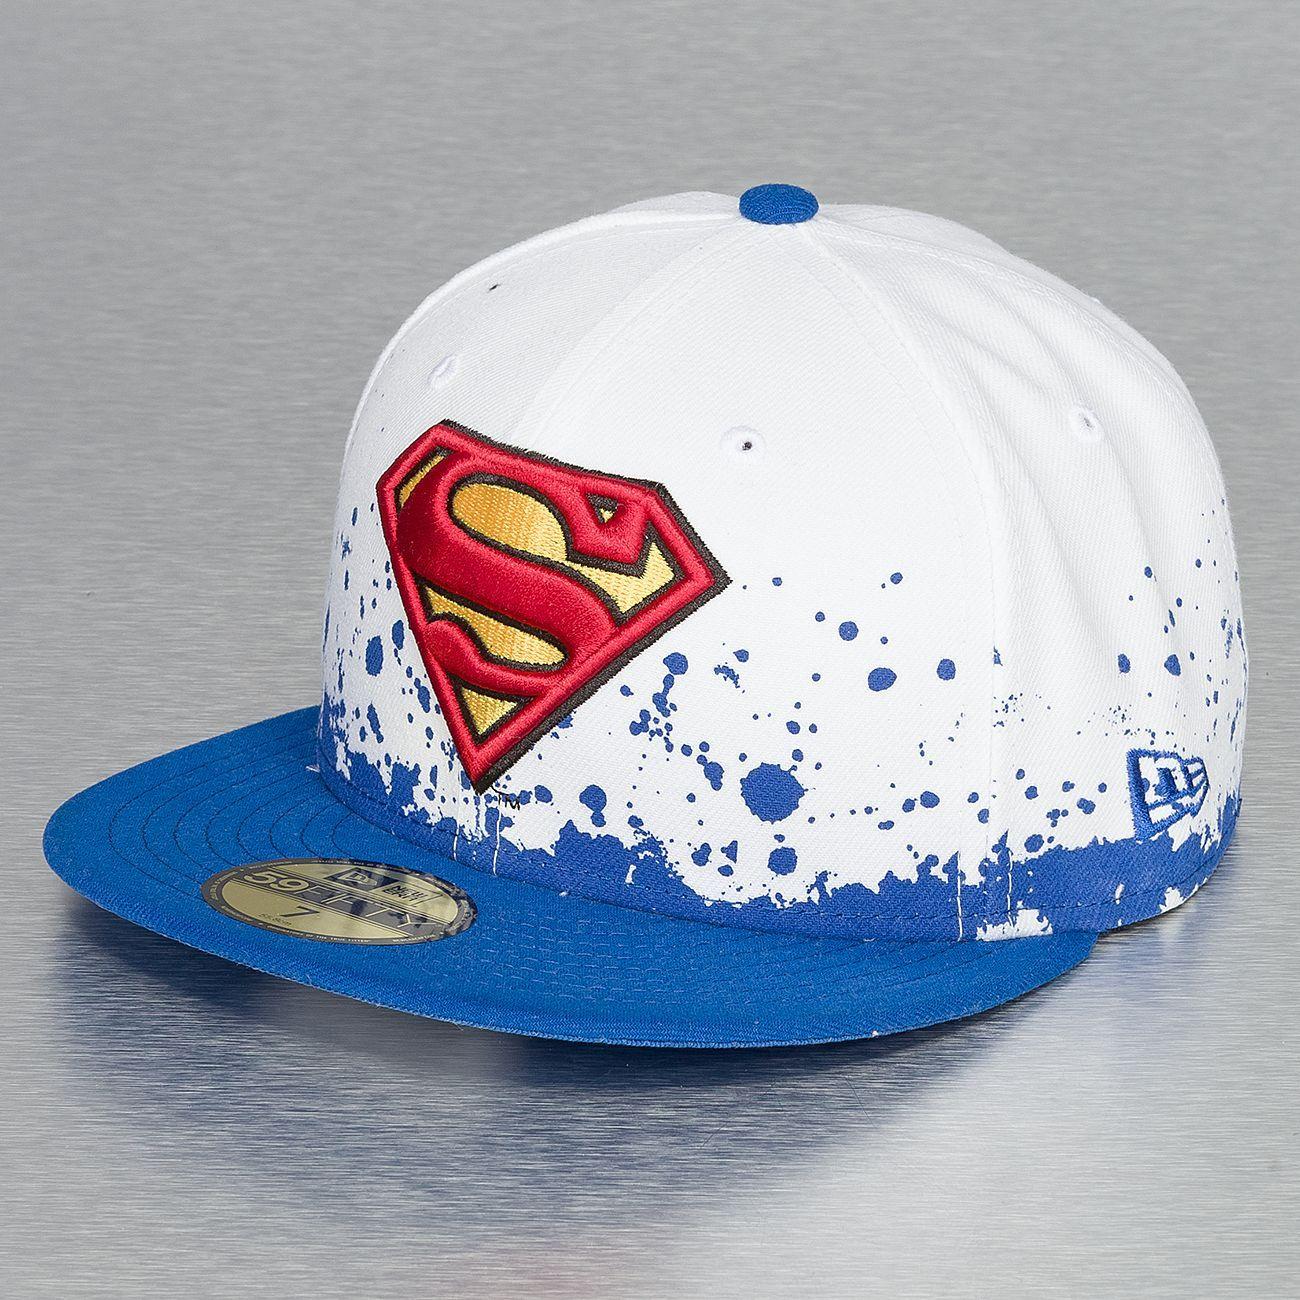 Tienda de gorras online donde encontrarás la mayor selección de gorras planas baratas con una alta calidad de fabricación y entrega en 24 horas.